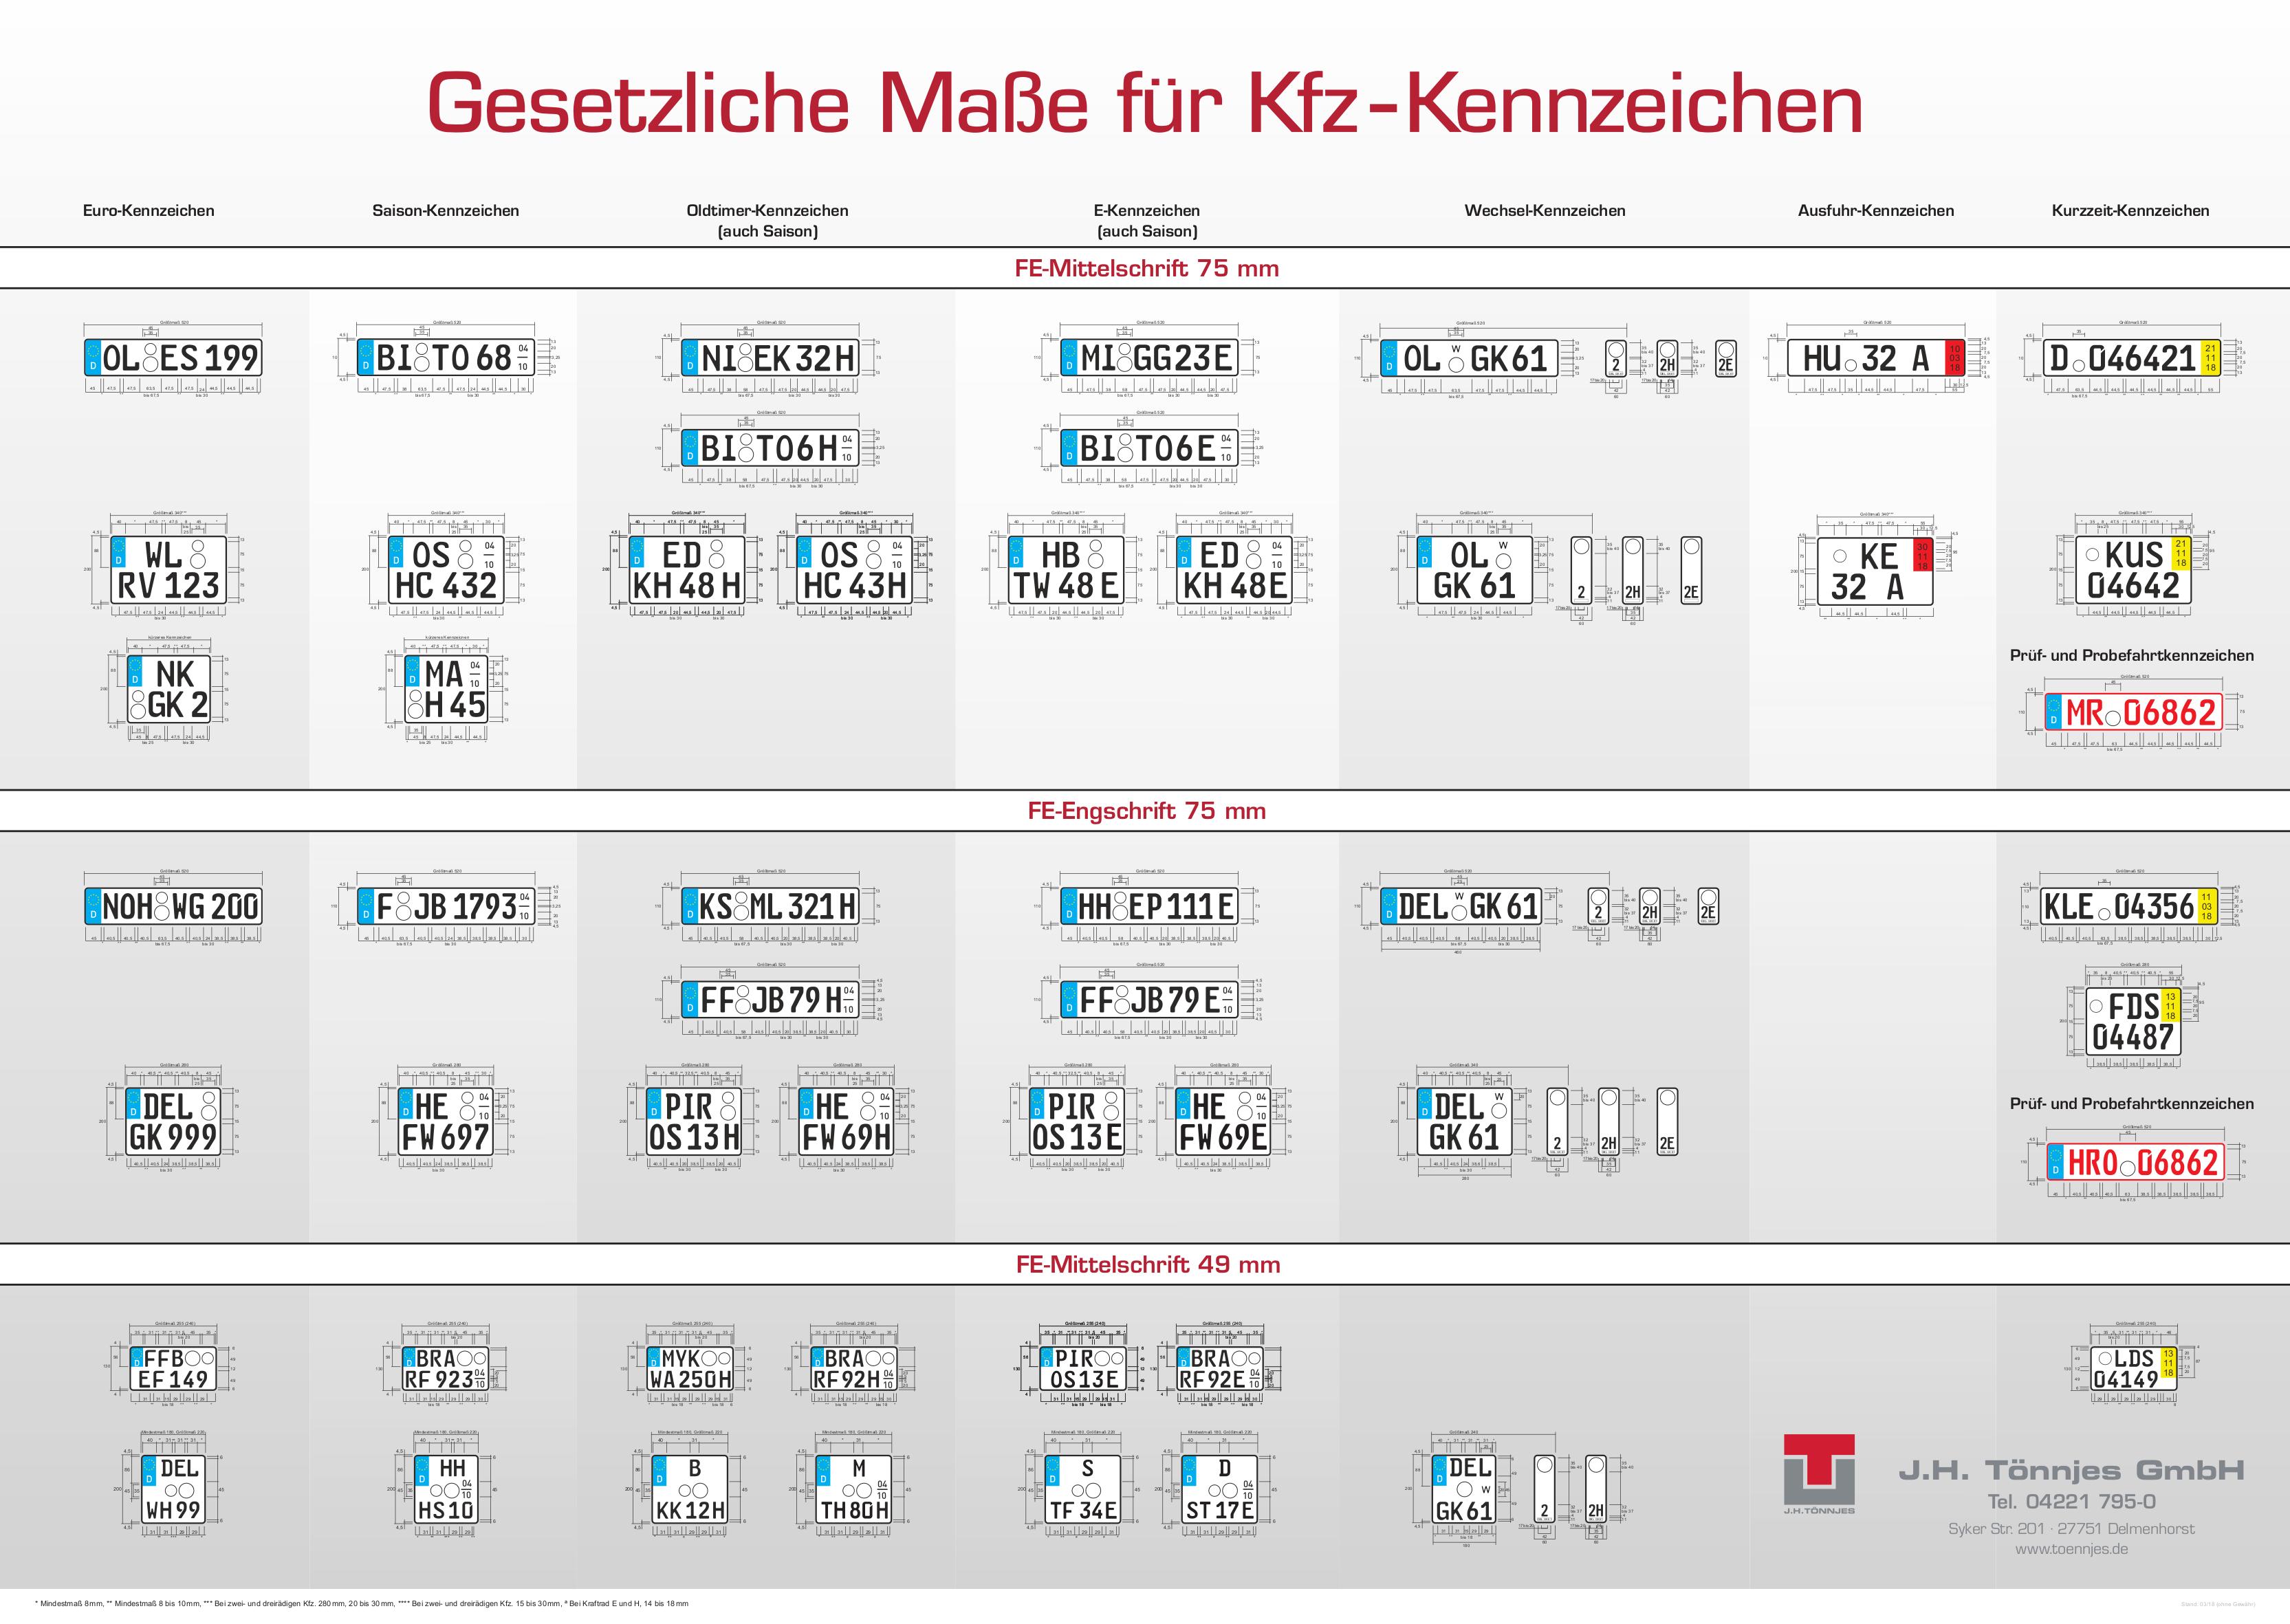 1 Kfz Autokennzeichen Nummernschilder Autoschilder LKW Kennzeichen 520 x 110 mm